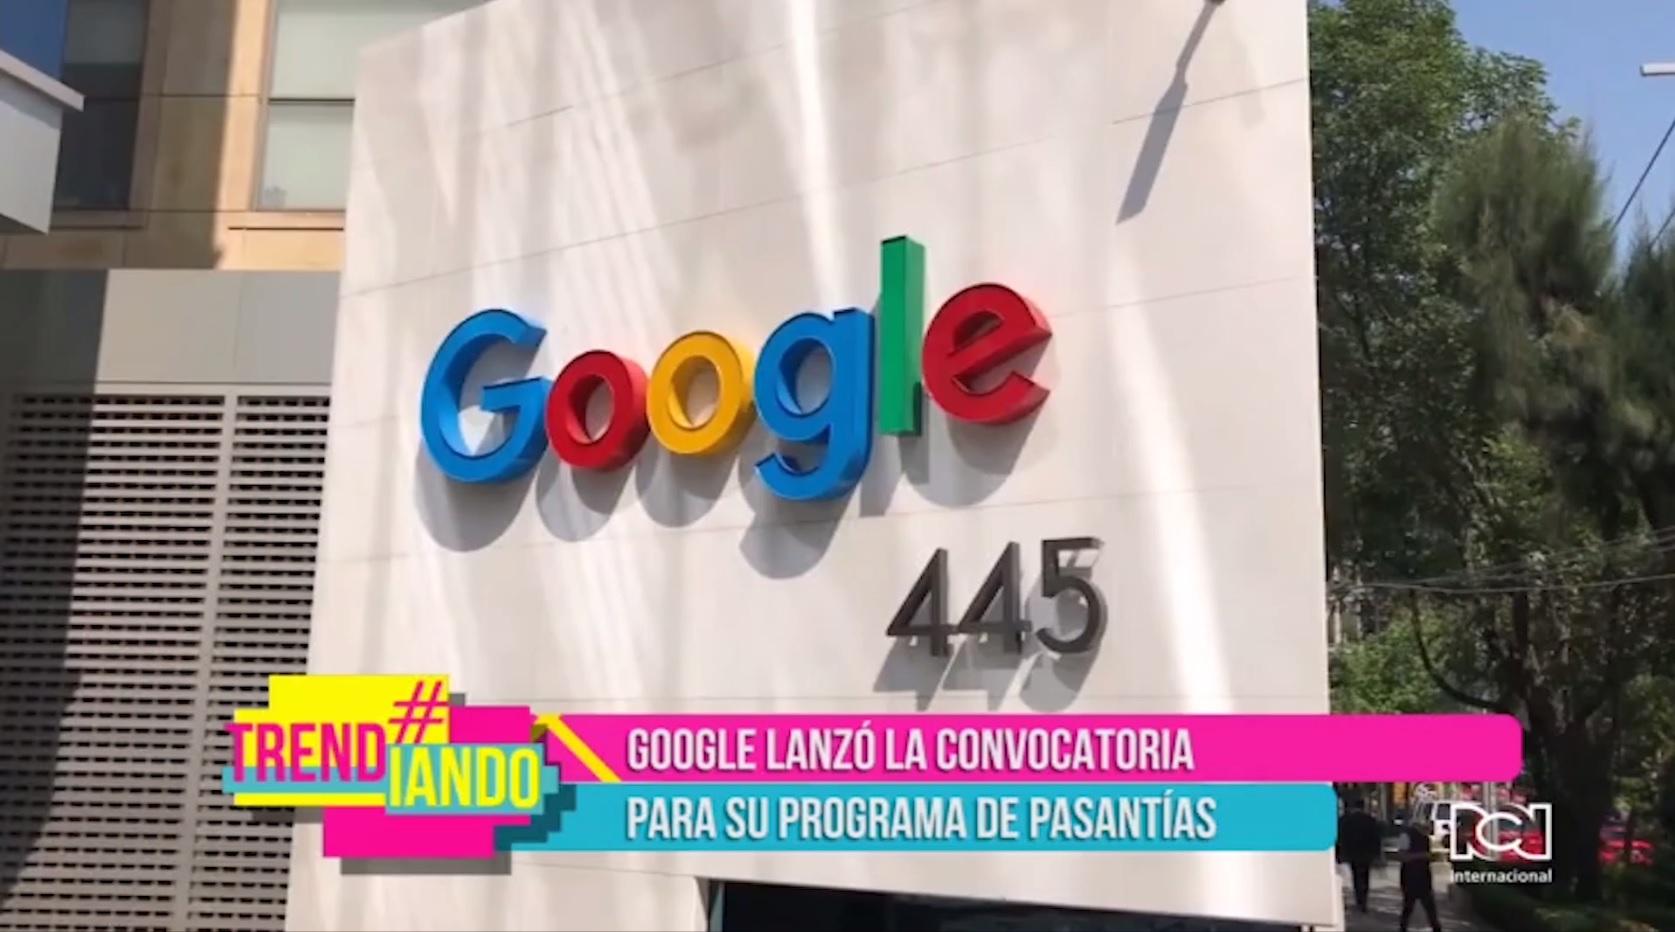 Google lanzó convocatoria para su programa de pasantías en Latinoamérica